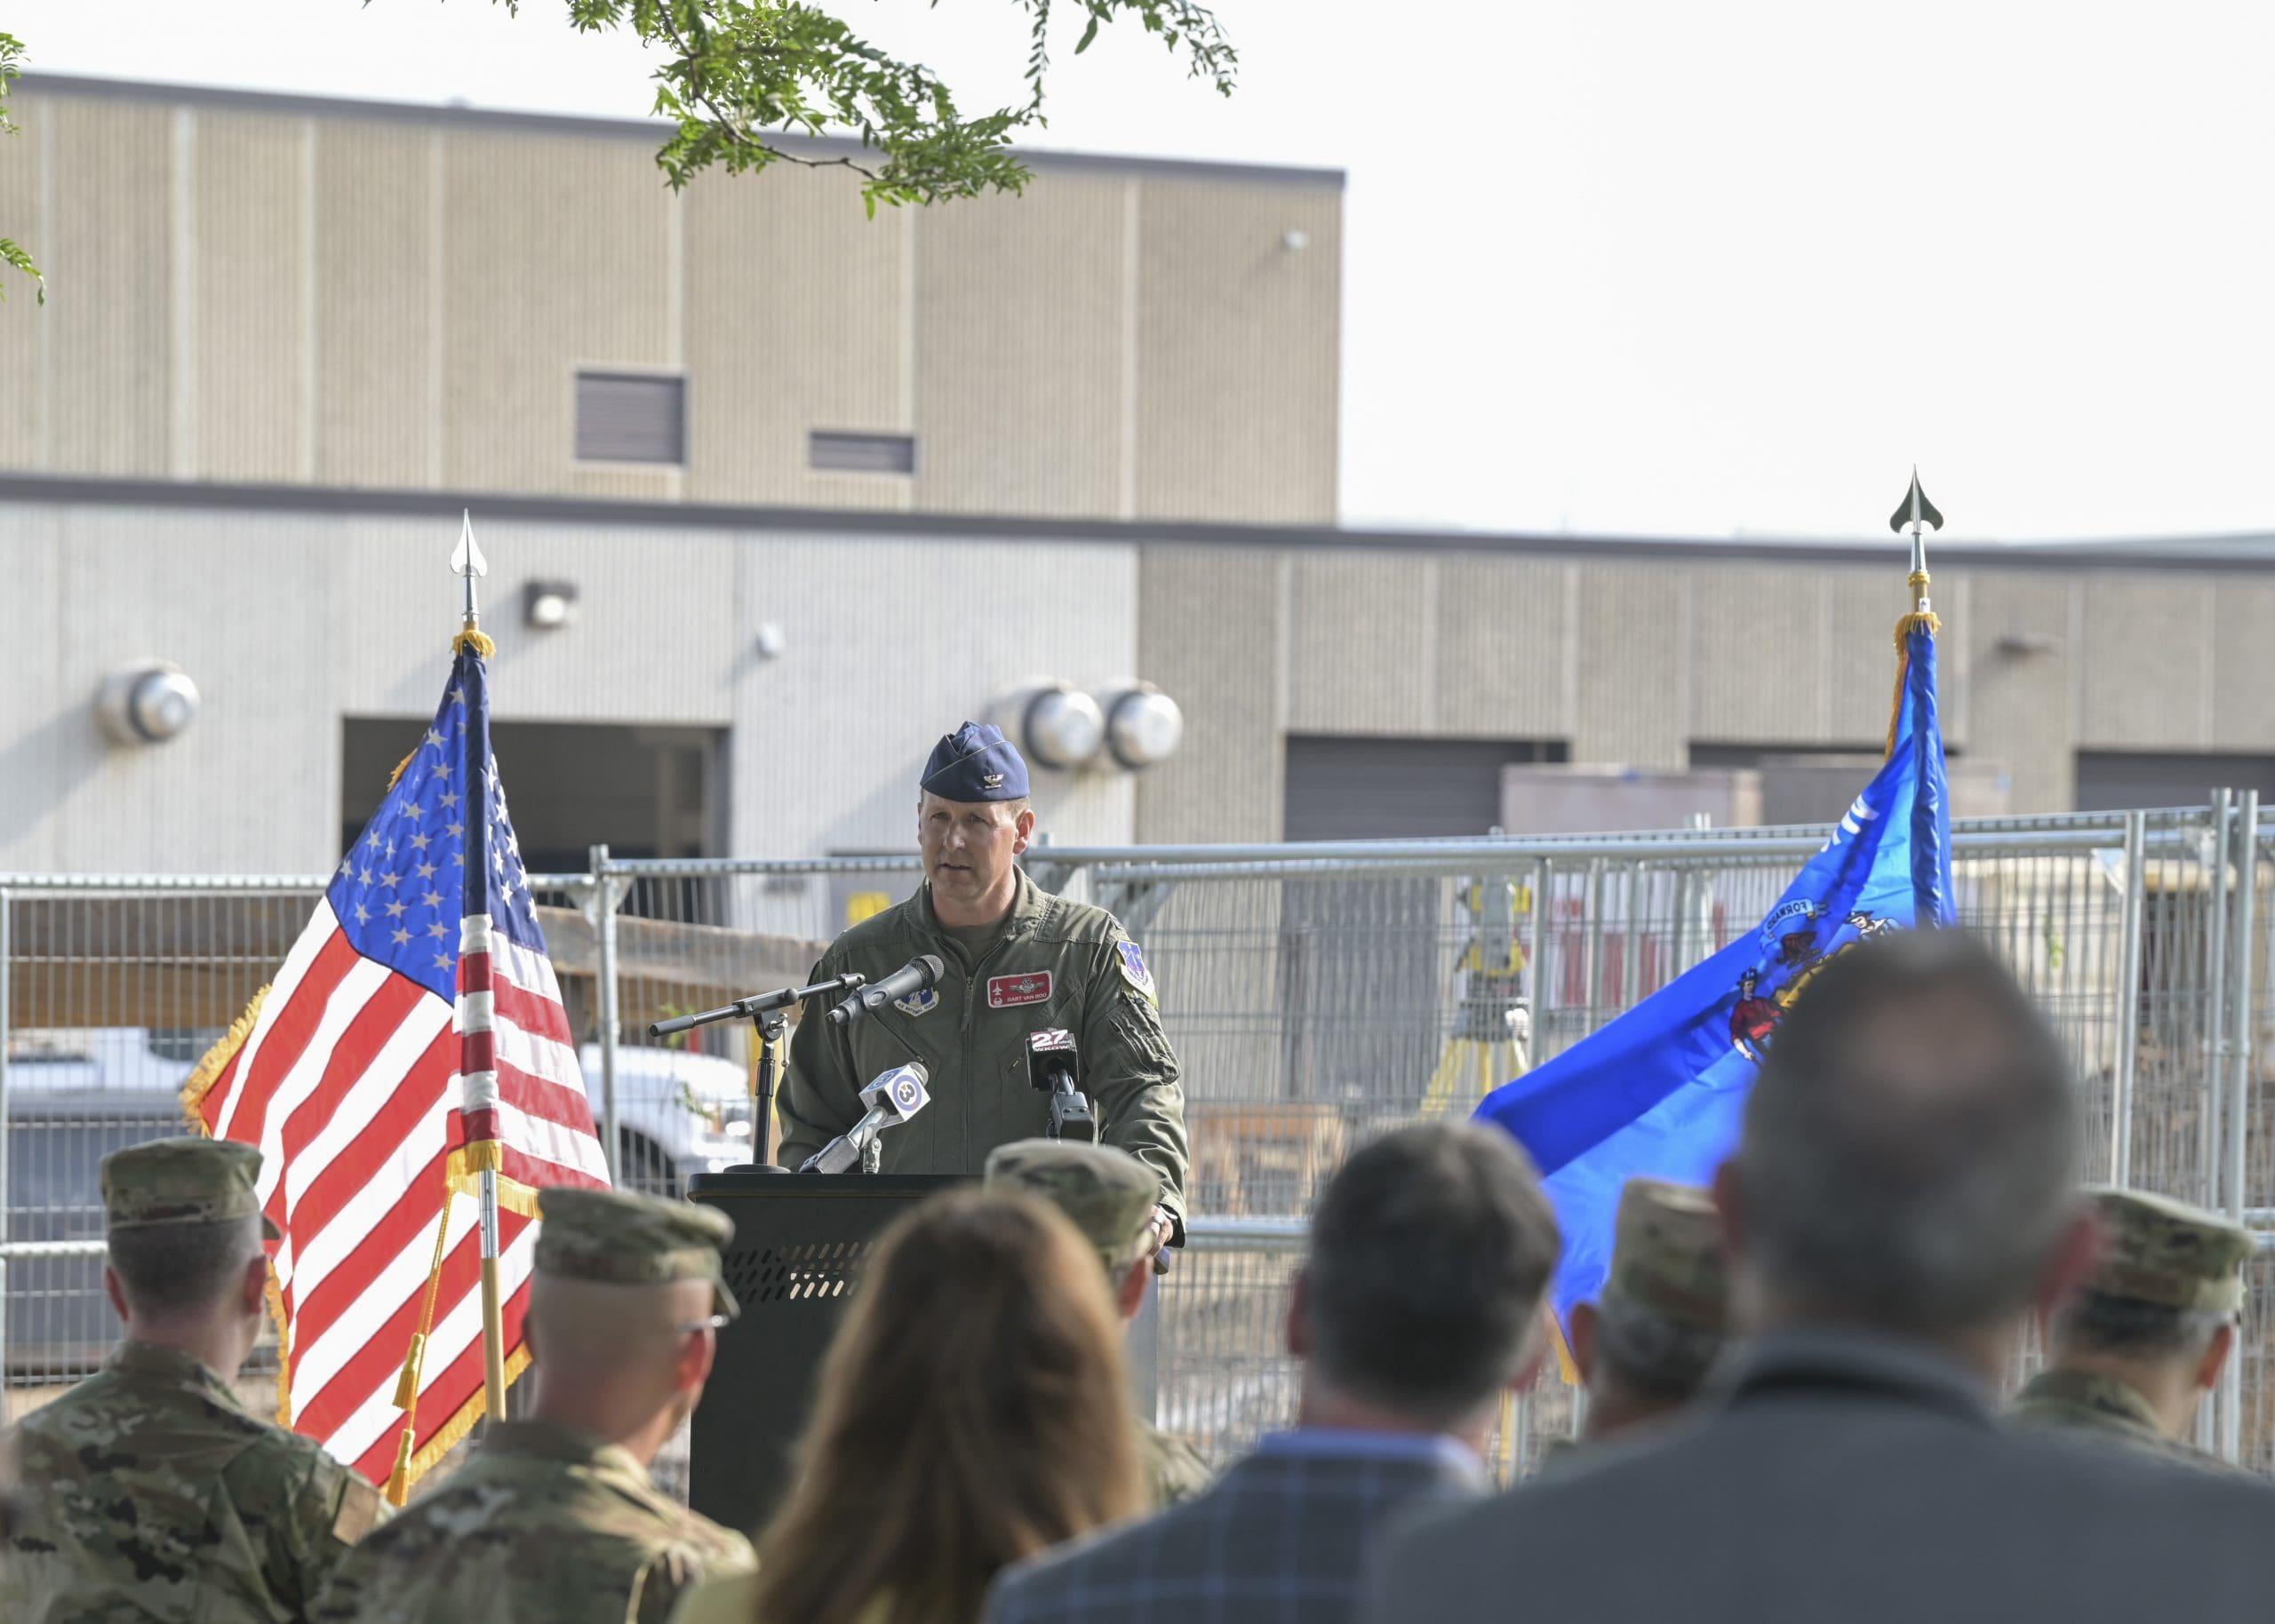 210811-Z-HD478-1052 - Staff Sgt. Cameron Lewis